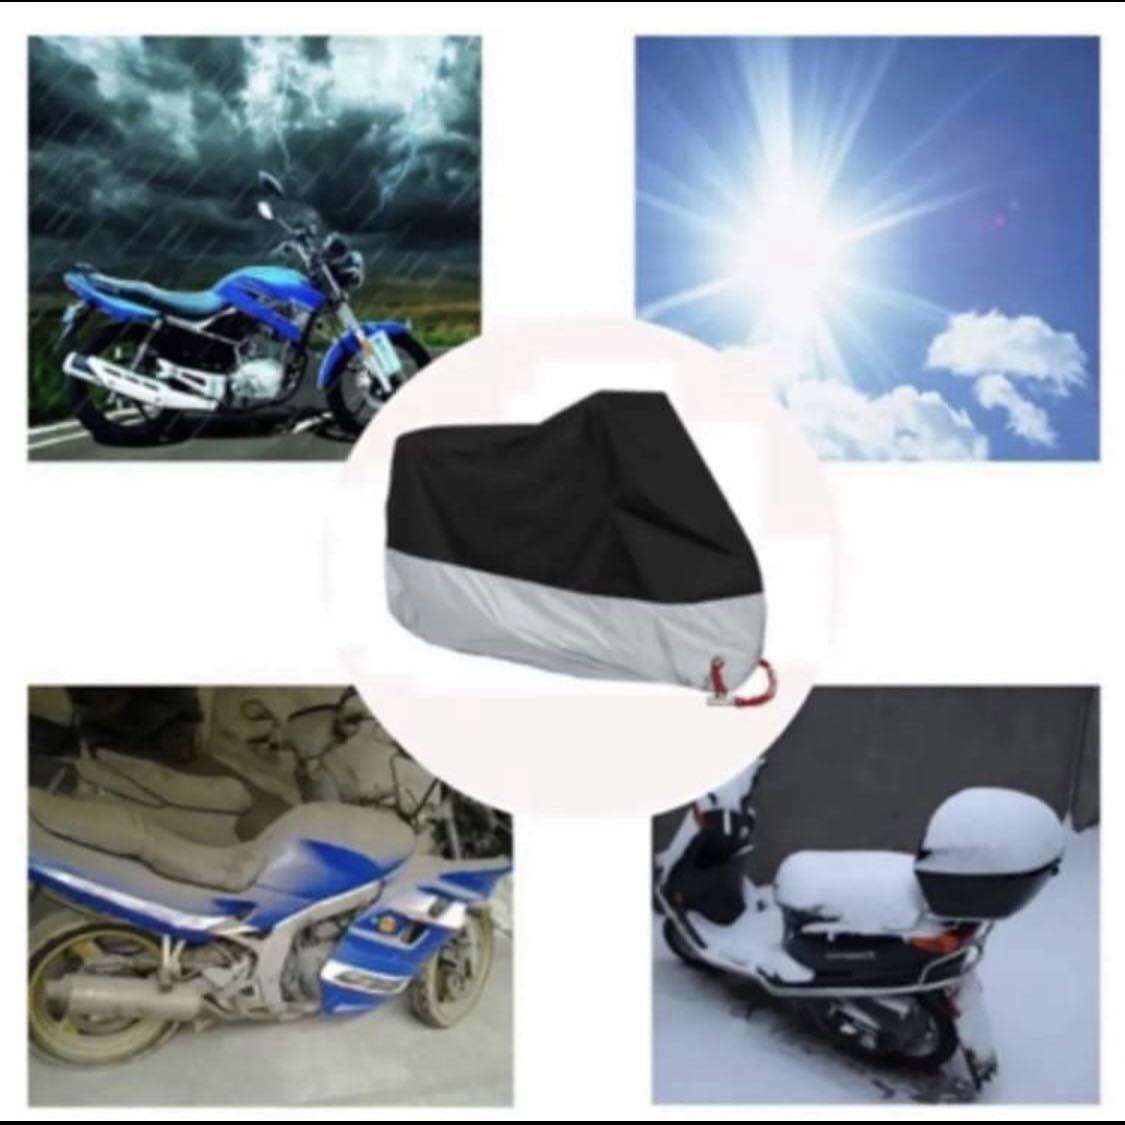 バイクカバー 中型 XL バイク用品 防水 耐熱 防風 風飛び防止 UV 防雪 防犯 いたずら防止 雨対策 バイク カバー 黒 銀_画像5